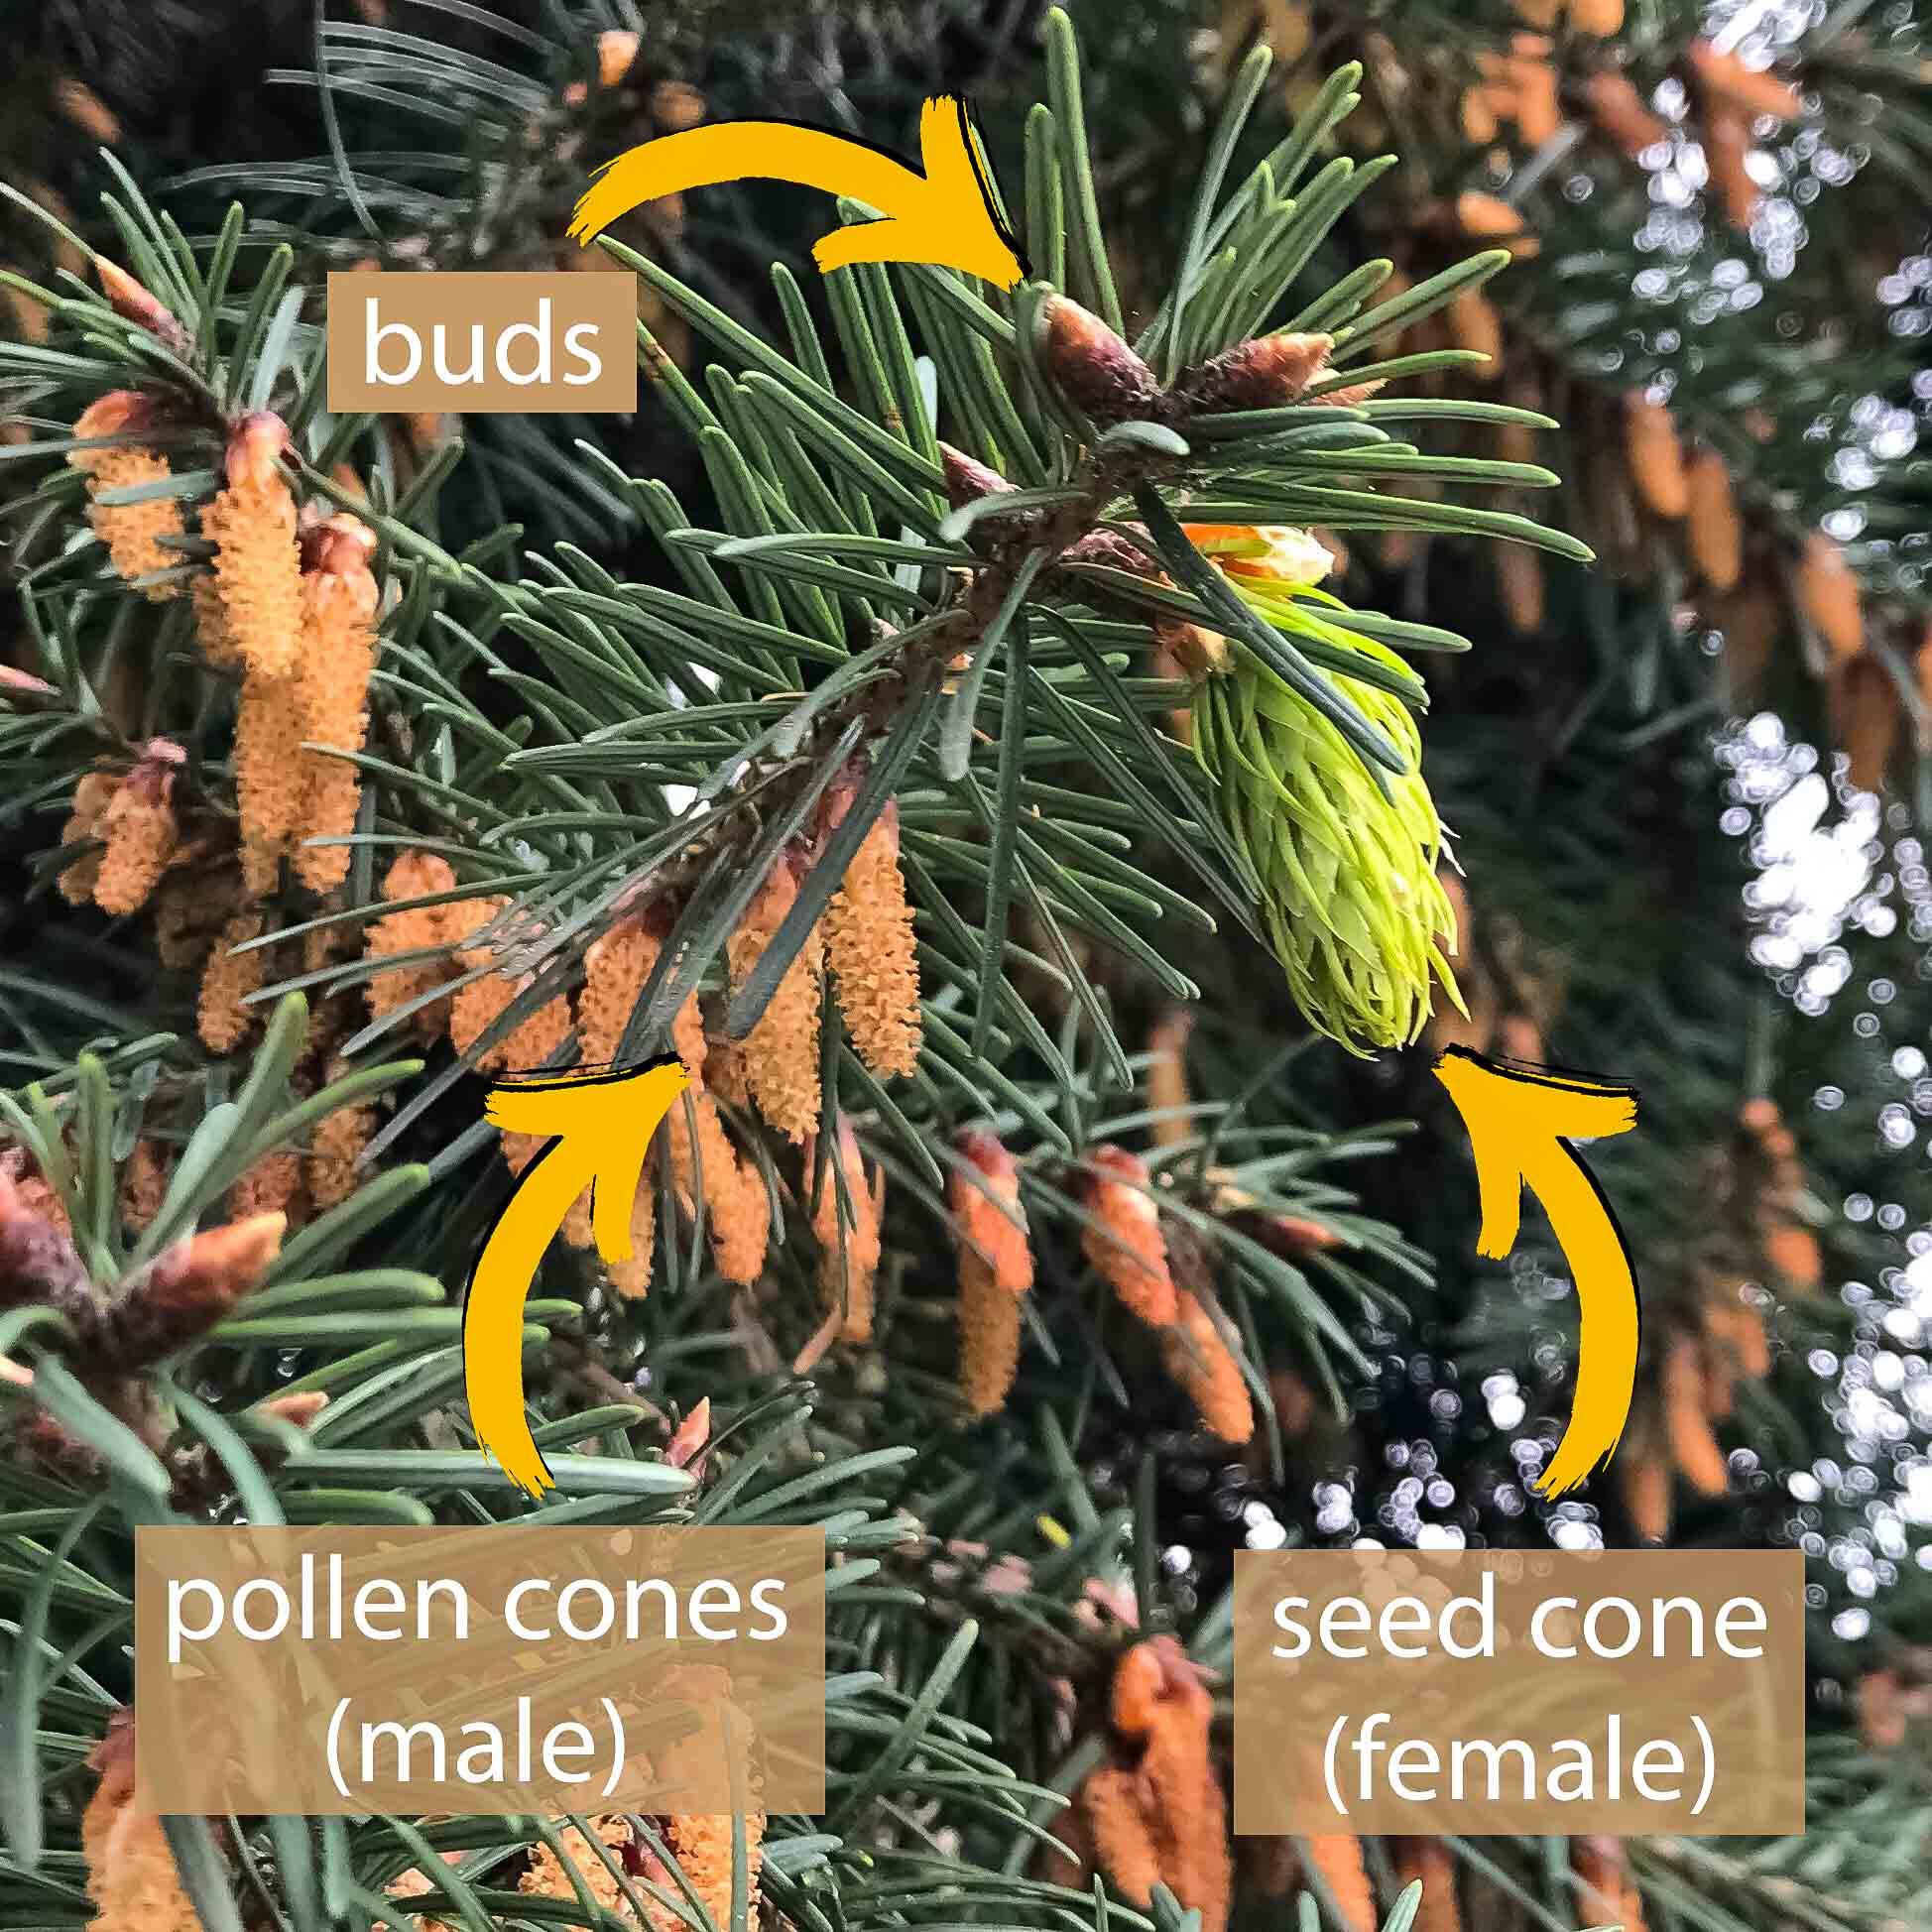 Douglas-fir parts, labeled